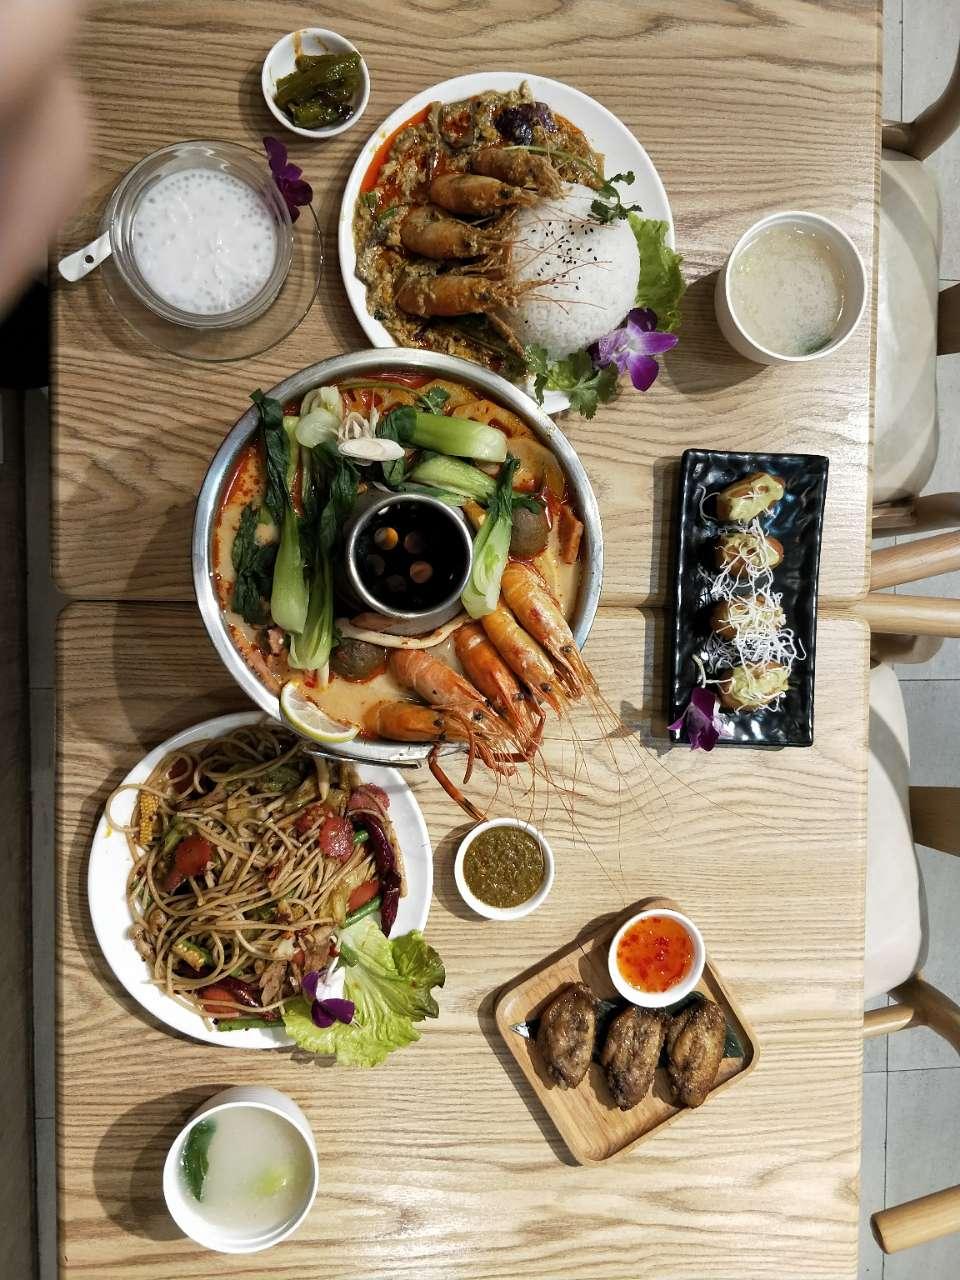 昨天和朋友去成都吃了一次泰国菜,大家猜猜这桌多少钱?